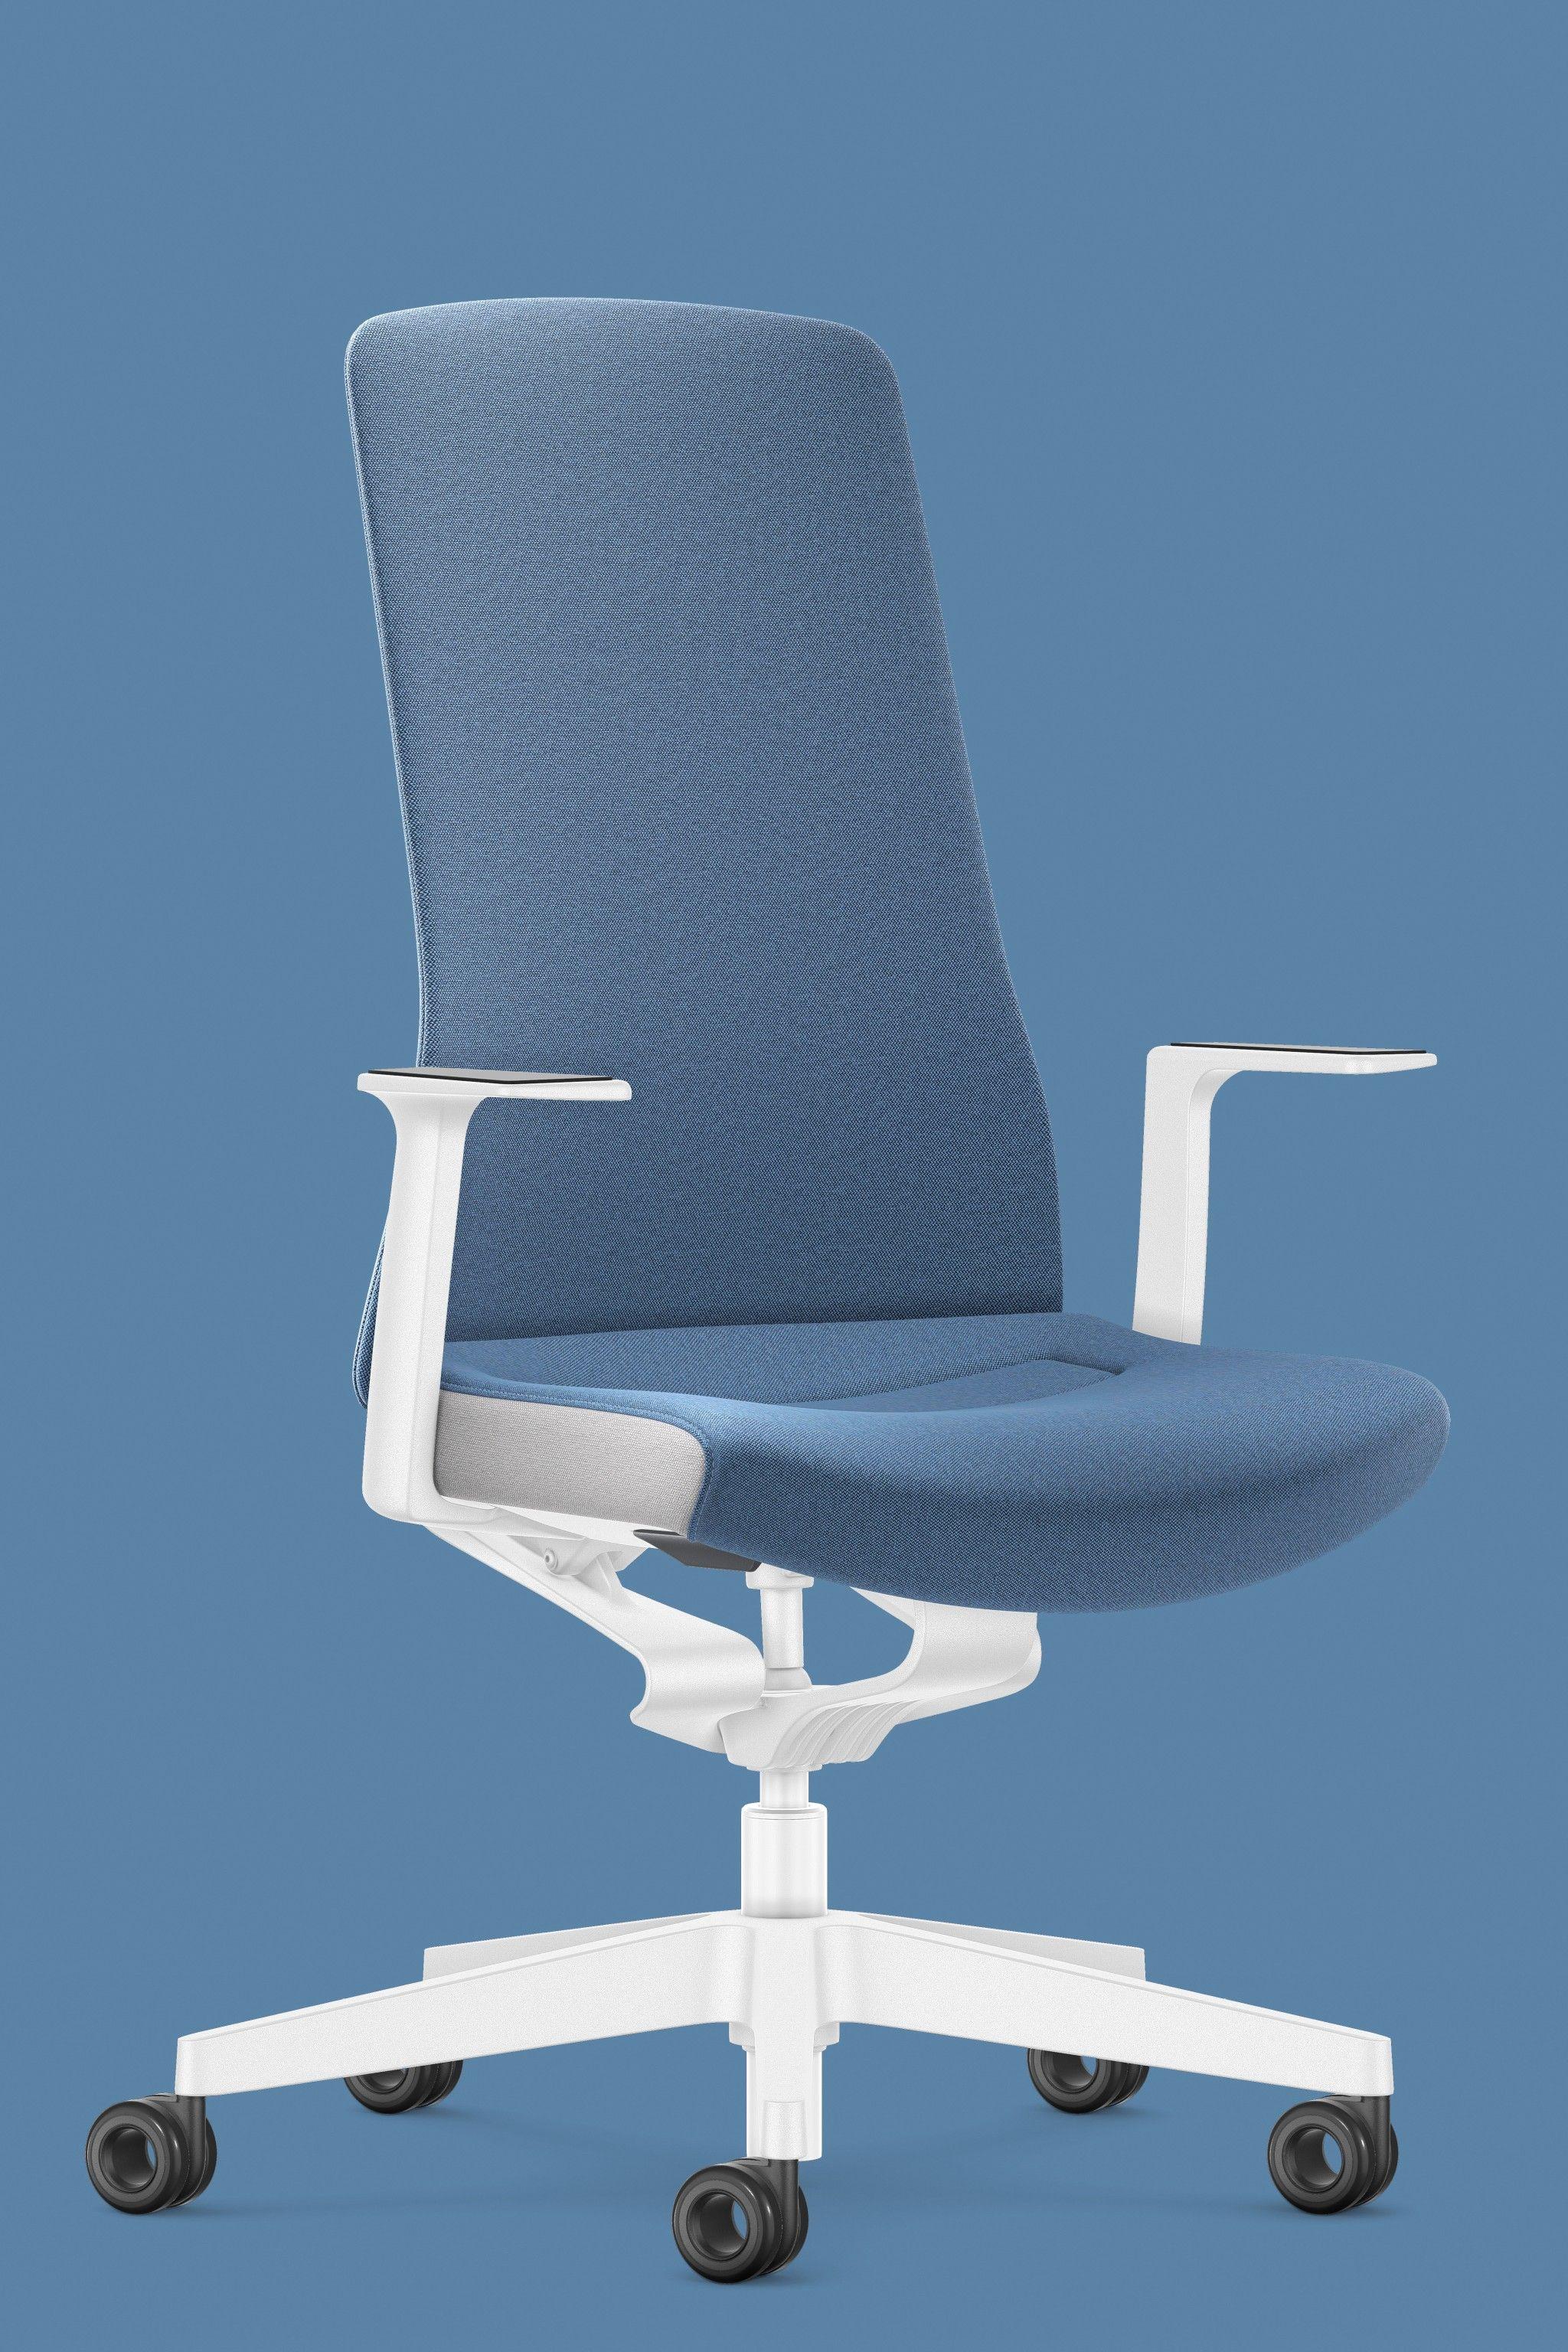 Schreibtischstuhl Blau Weiss Pure Interior Edition Burostuhl Von Interstuhl Burostuhl Home Office Ergonomisches Sitzen